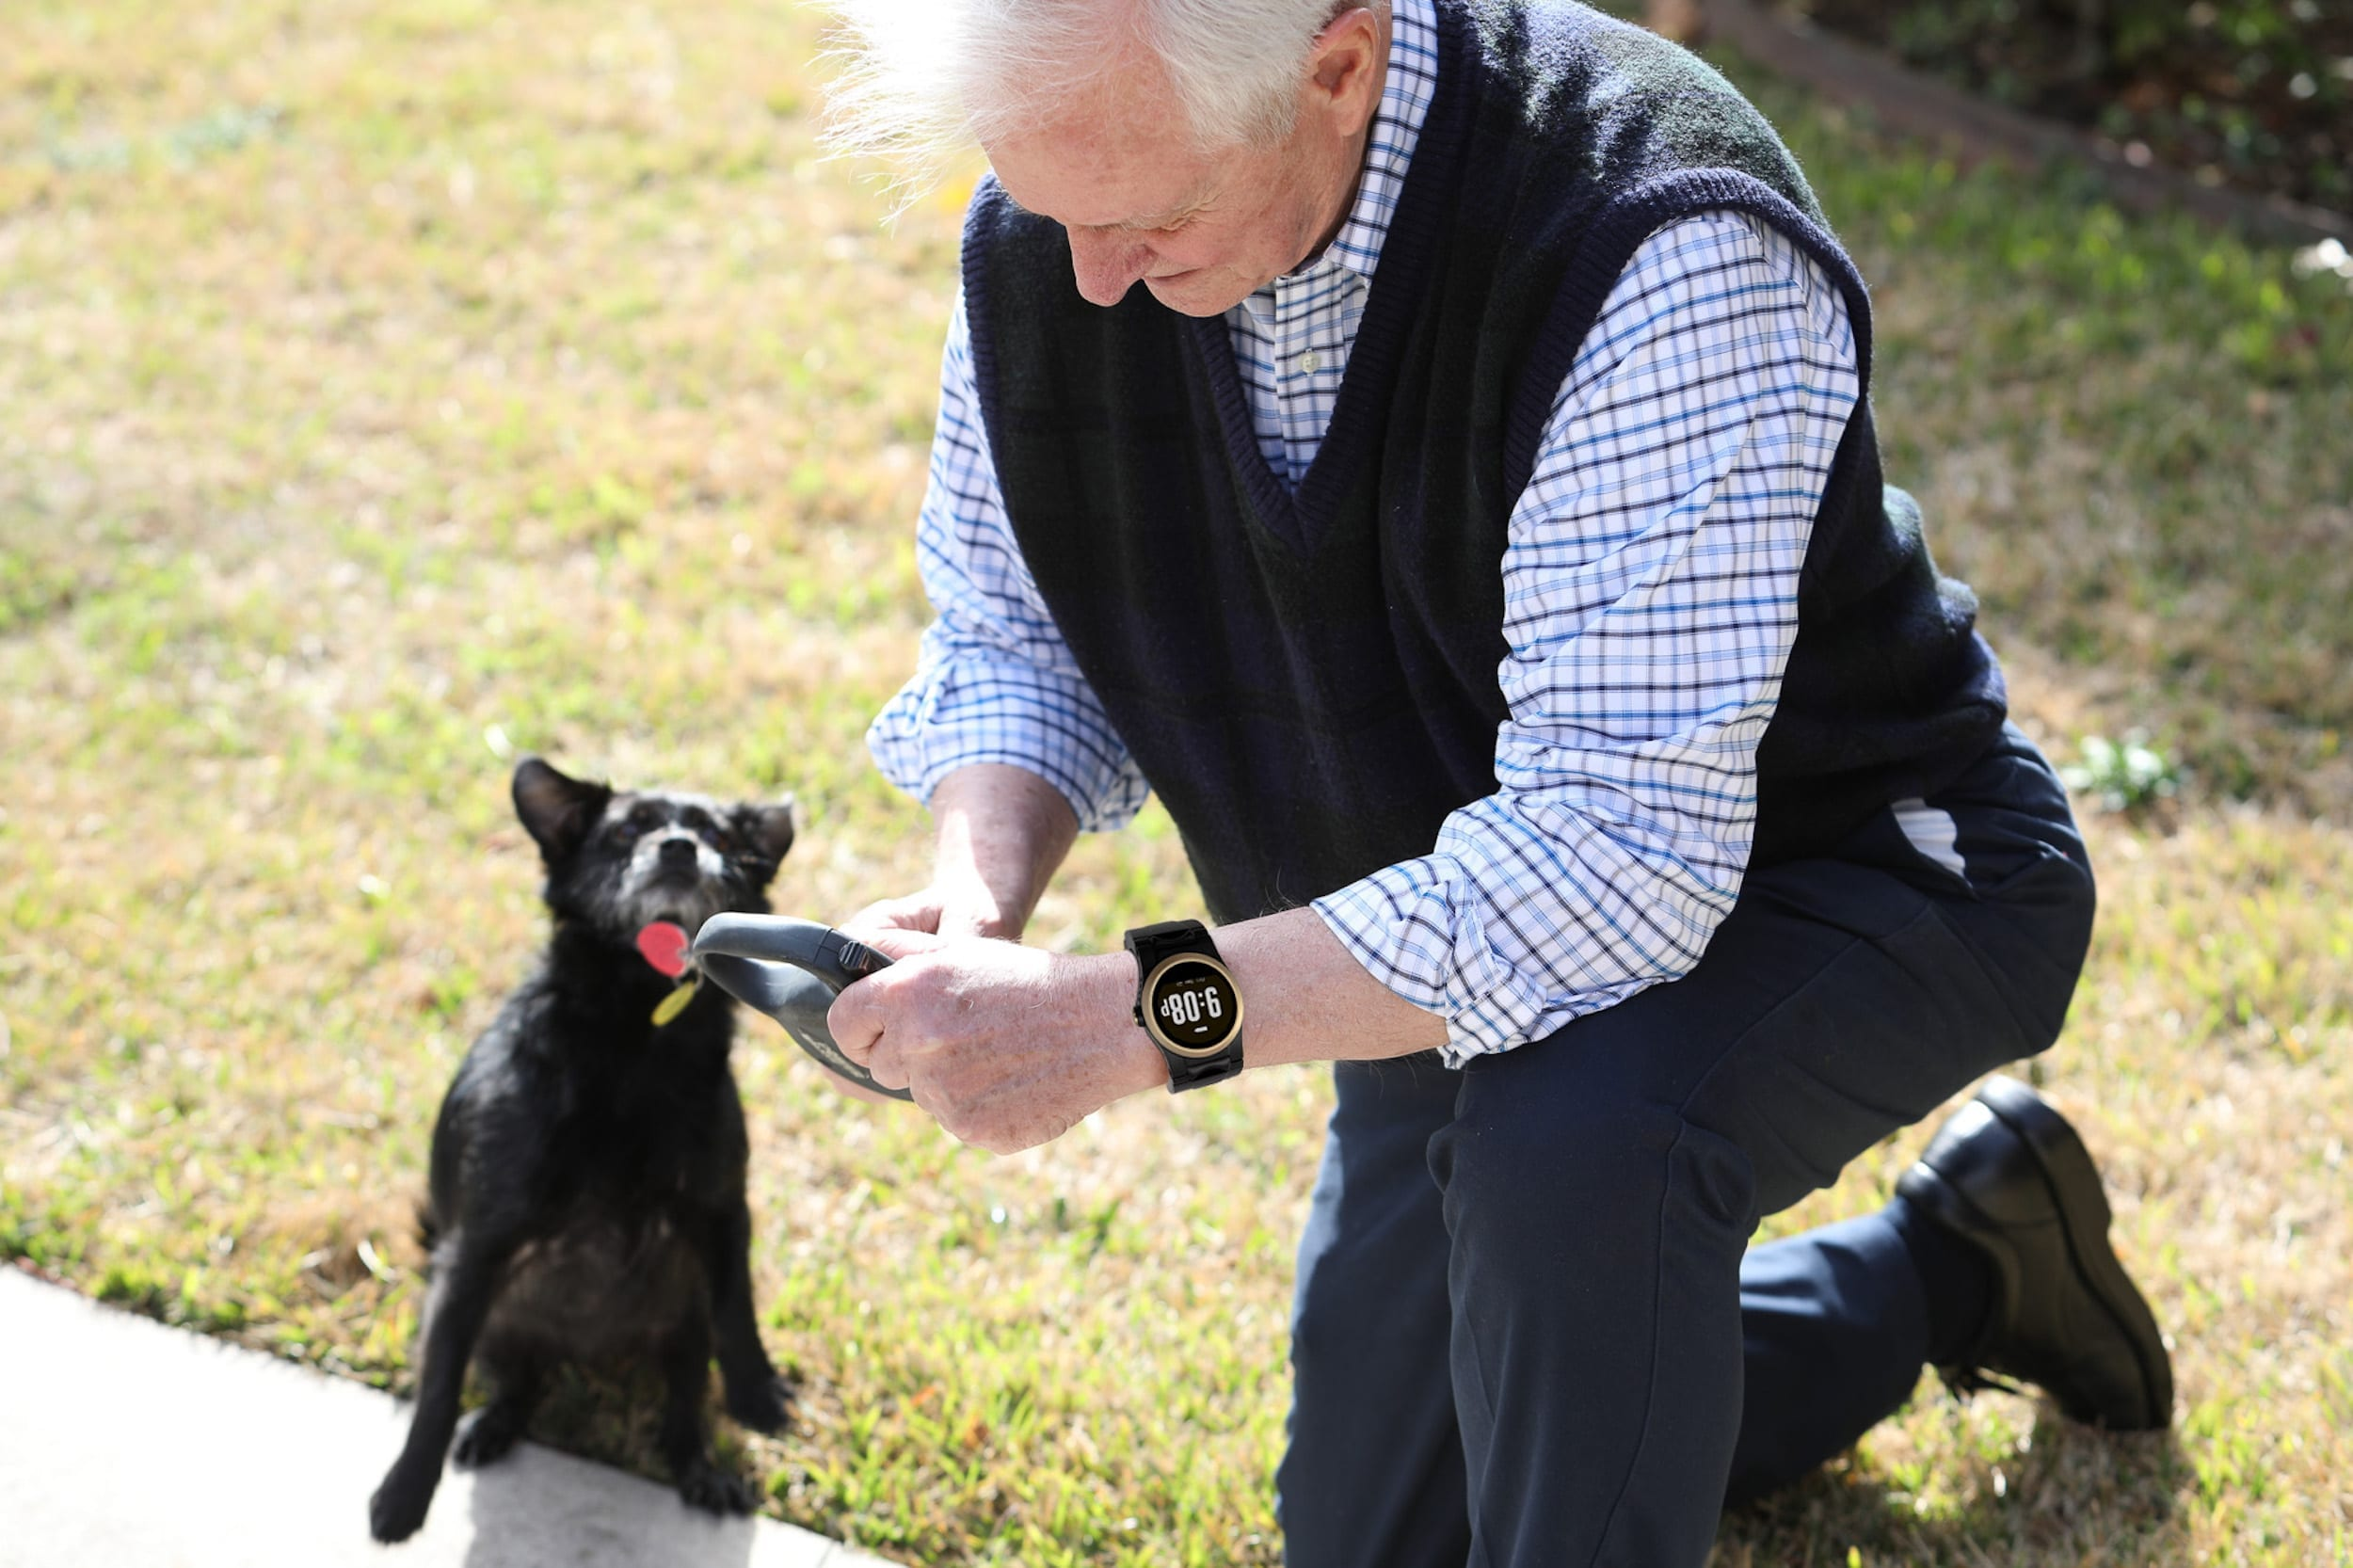 Man with dog wearing the kanega watch